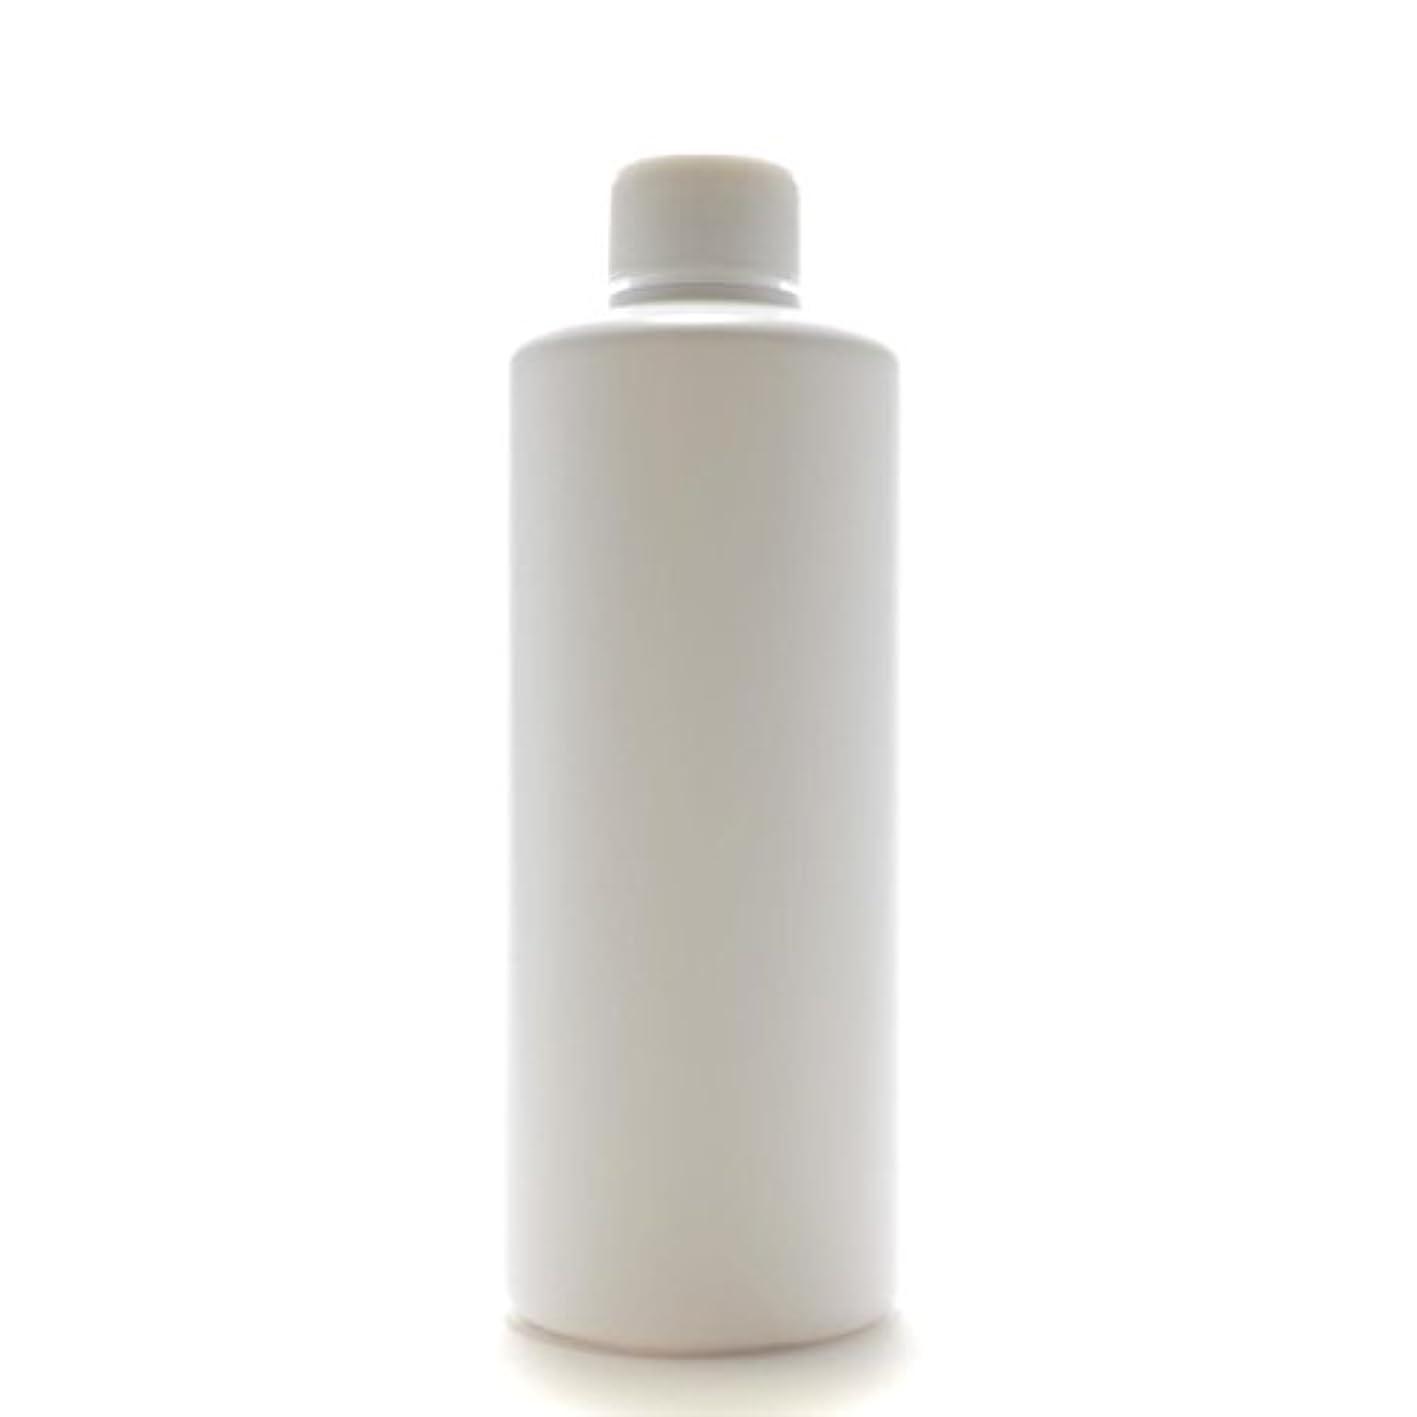 震え何十人も段落プラスチック容器 300mL PE ストレートボトル ホワイト【スクリューキャップ:ホワイト 中栓付き】